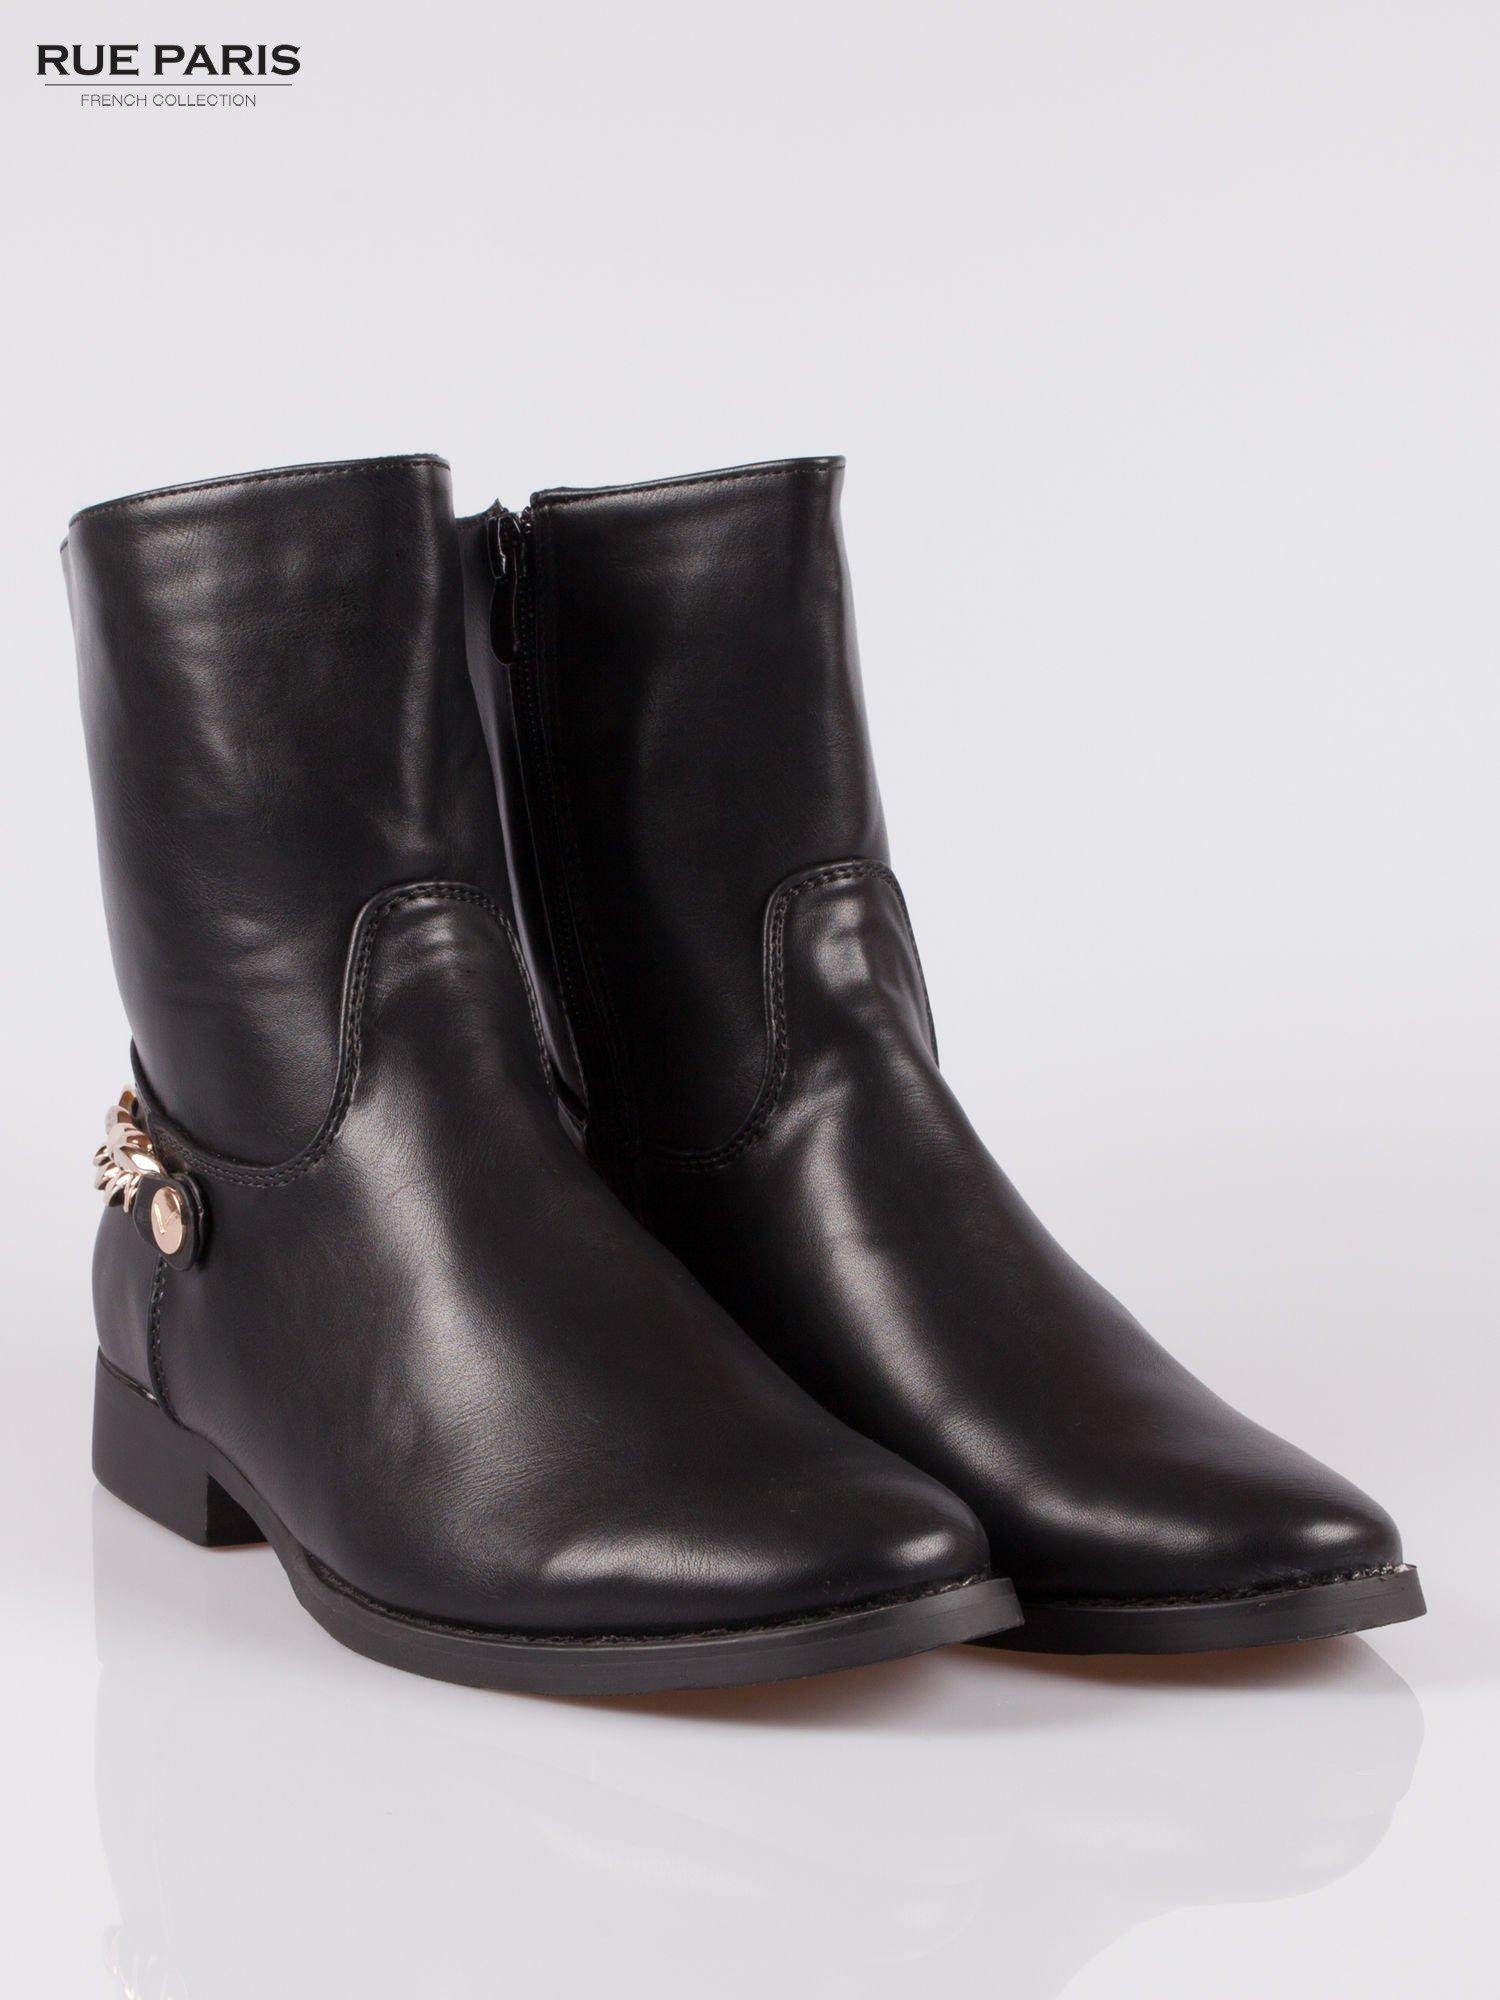 Czarne wysokie botki biker boots ze złotym łańcuchem z tyłu                                  zdj.                                  2